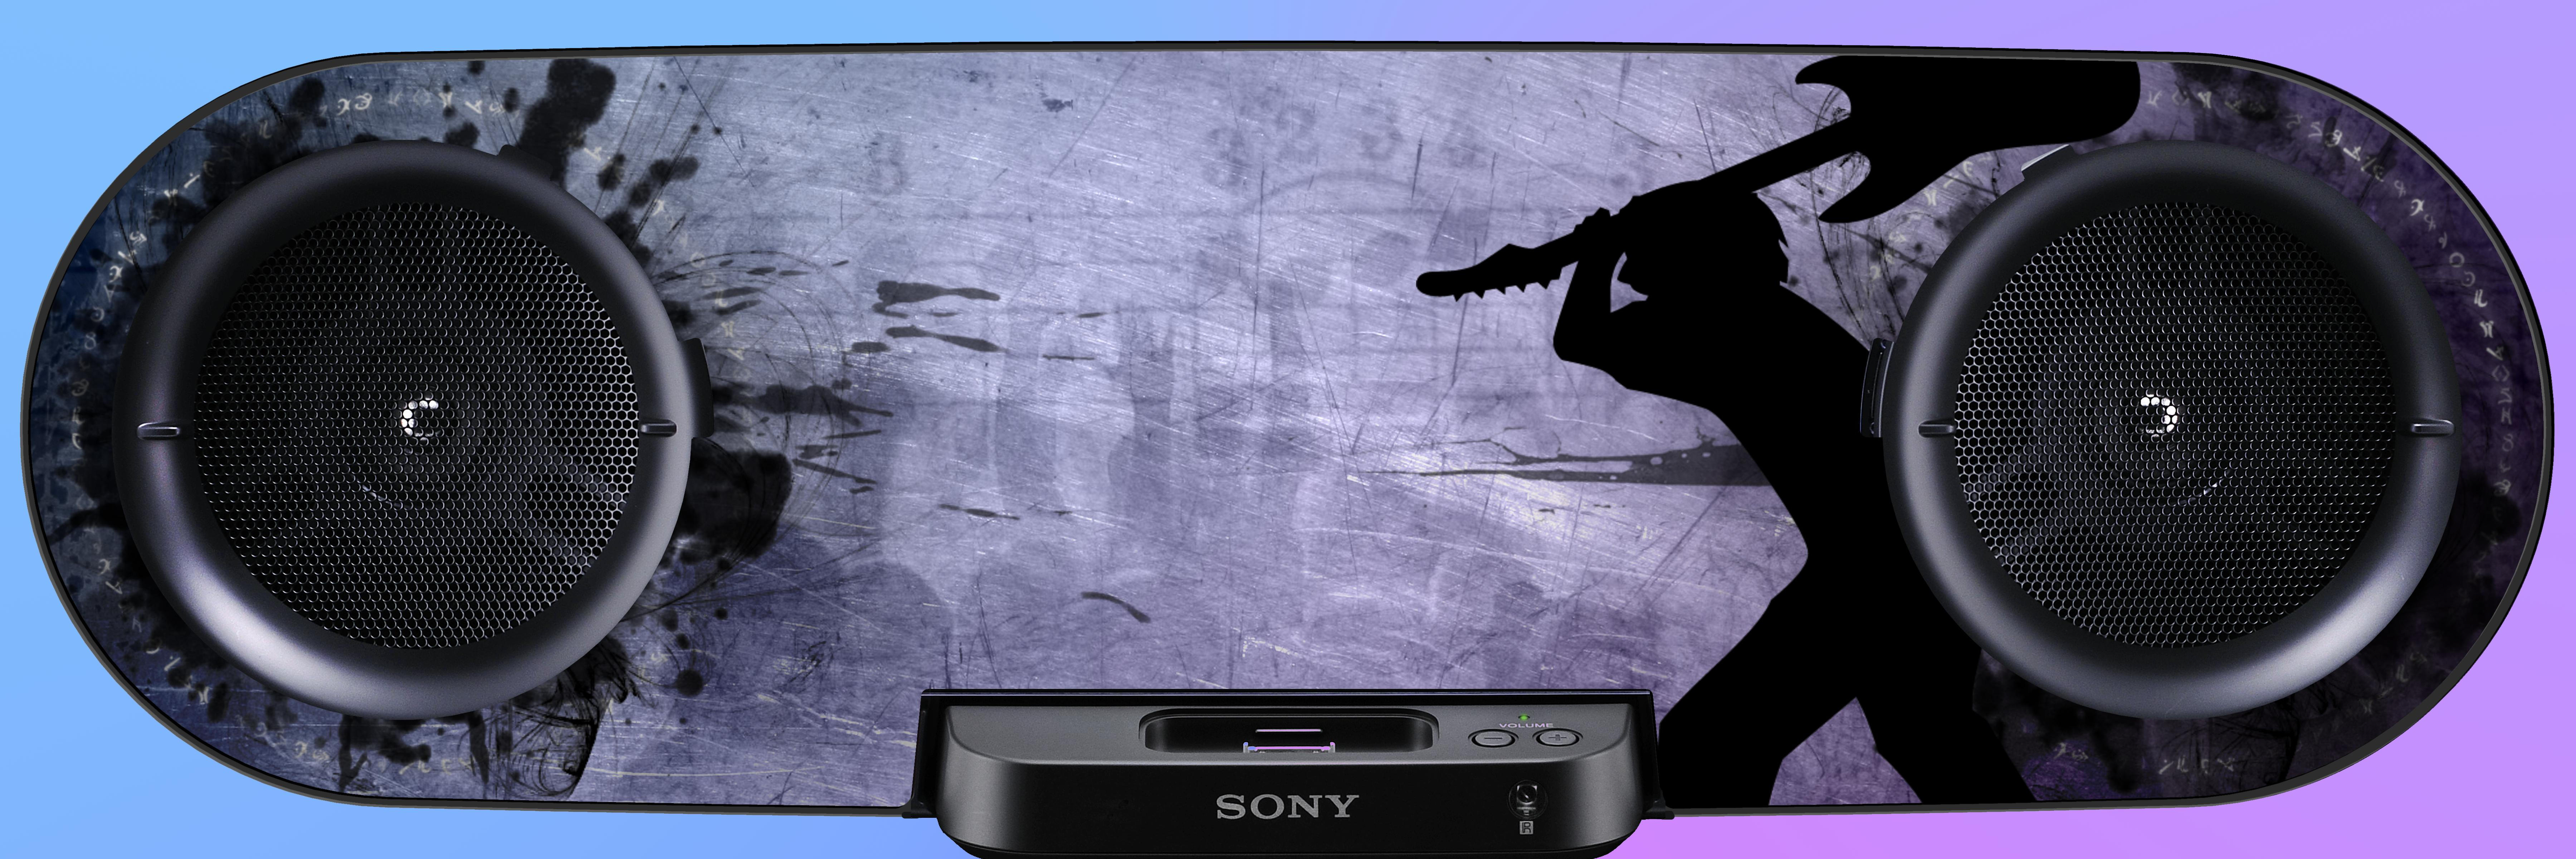 Attitude Skin Sony Trik by GMBermeo